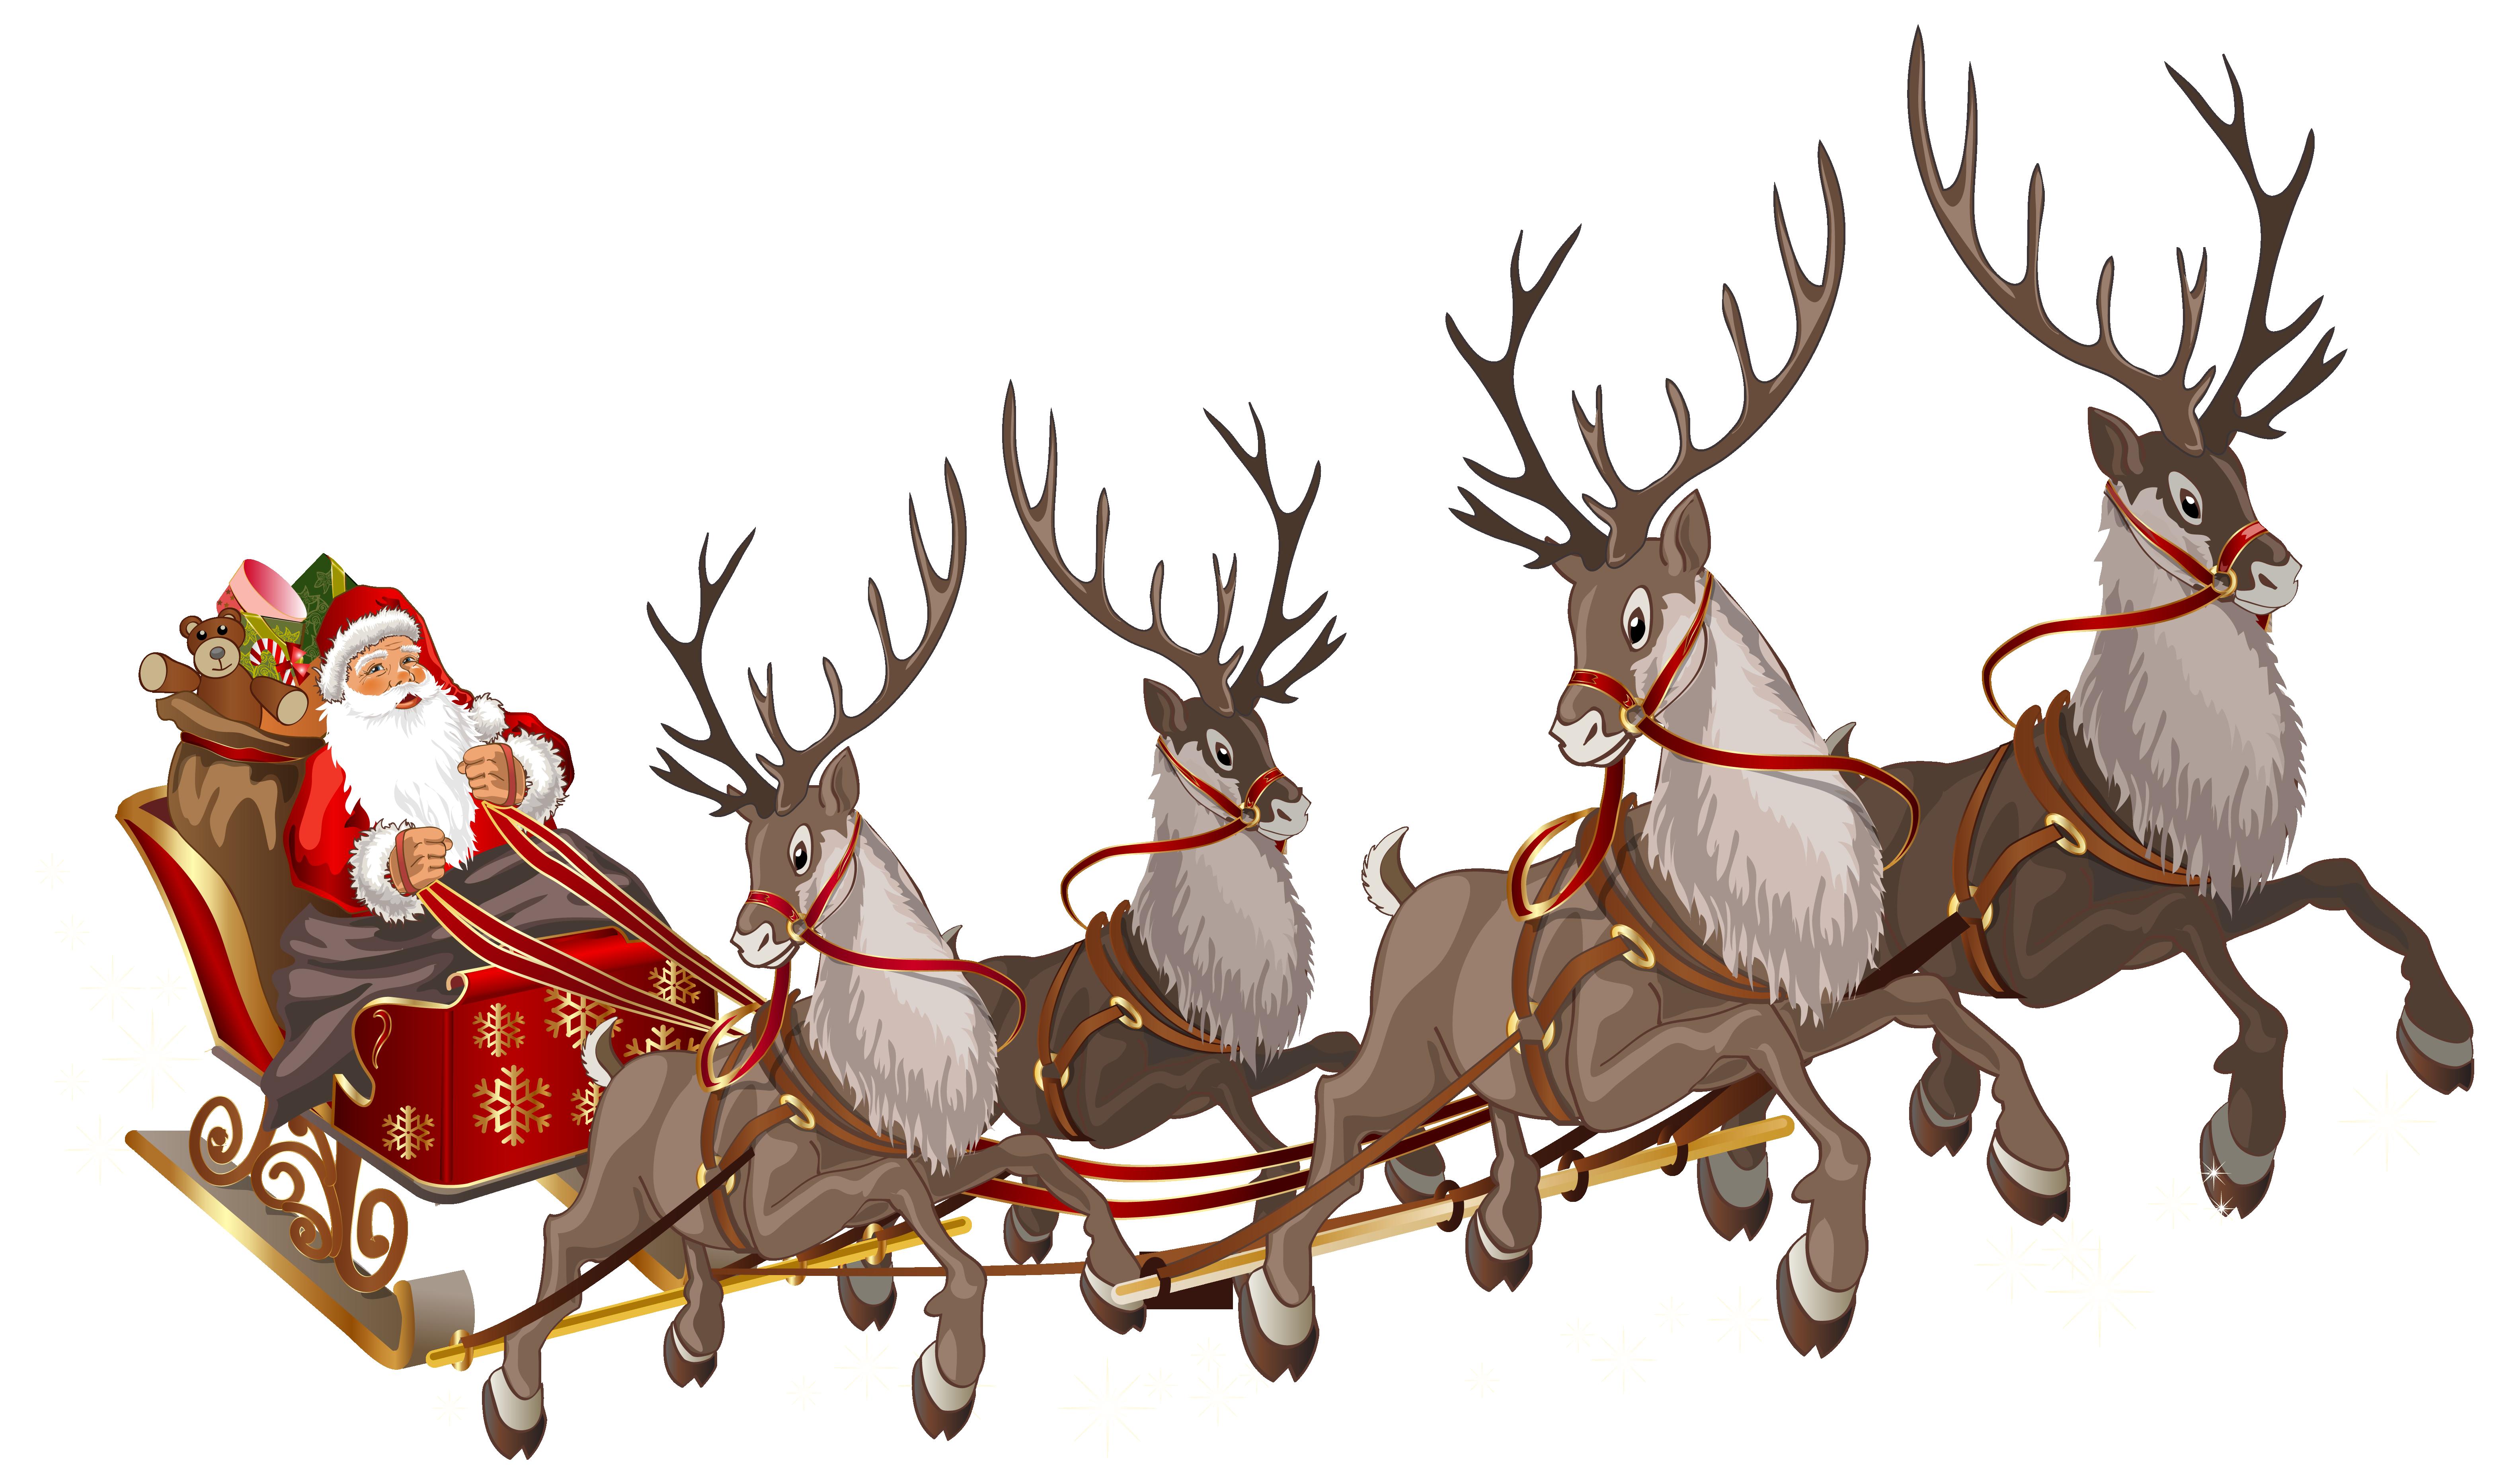 Santa claus s reindeer. Sleigh clipart sled